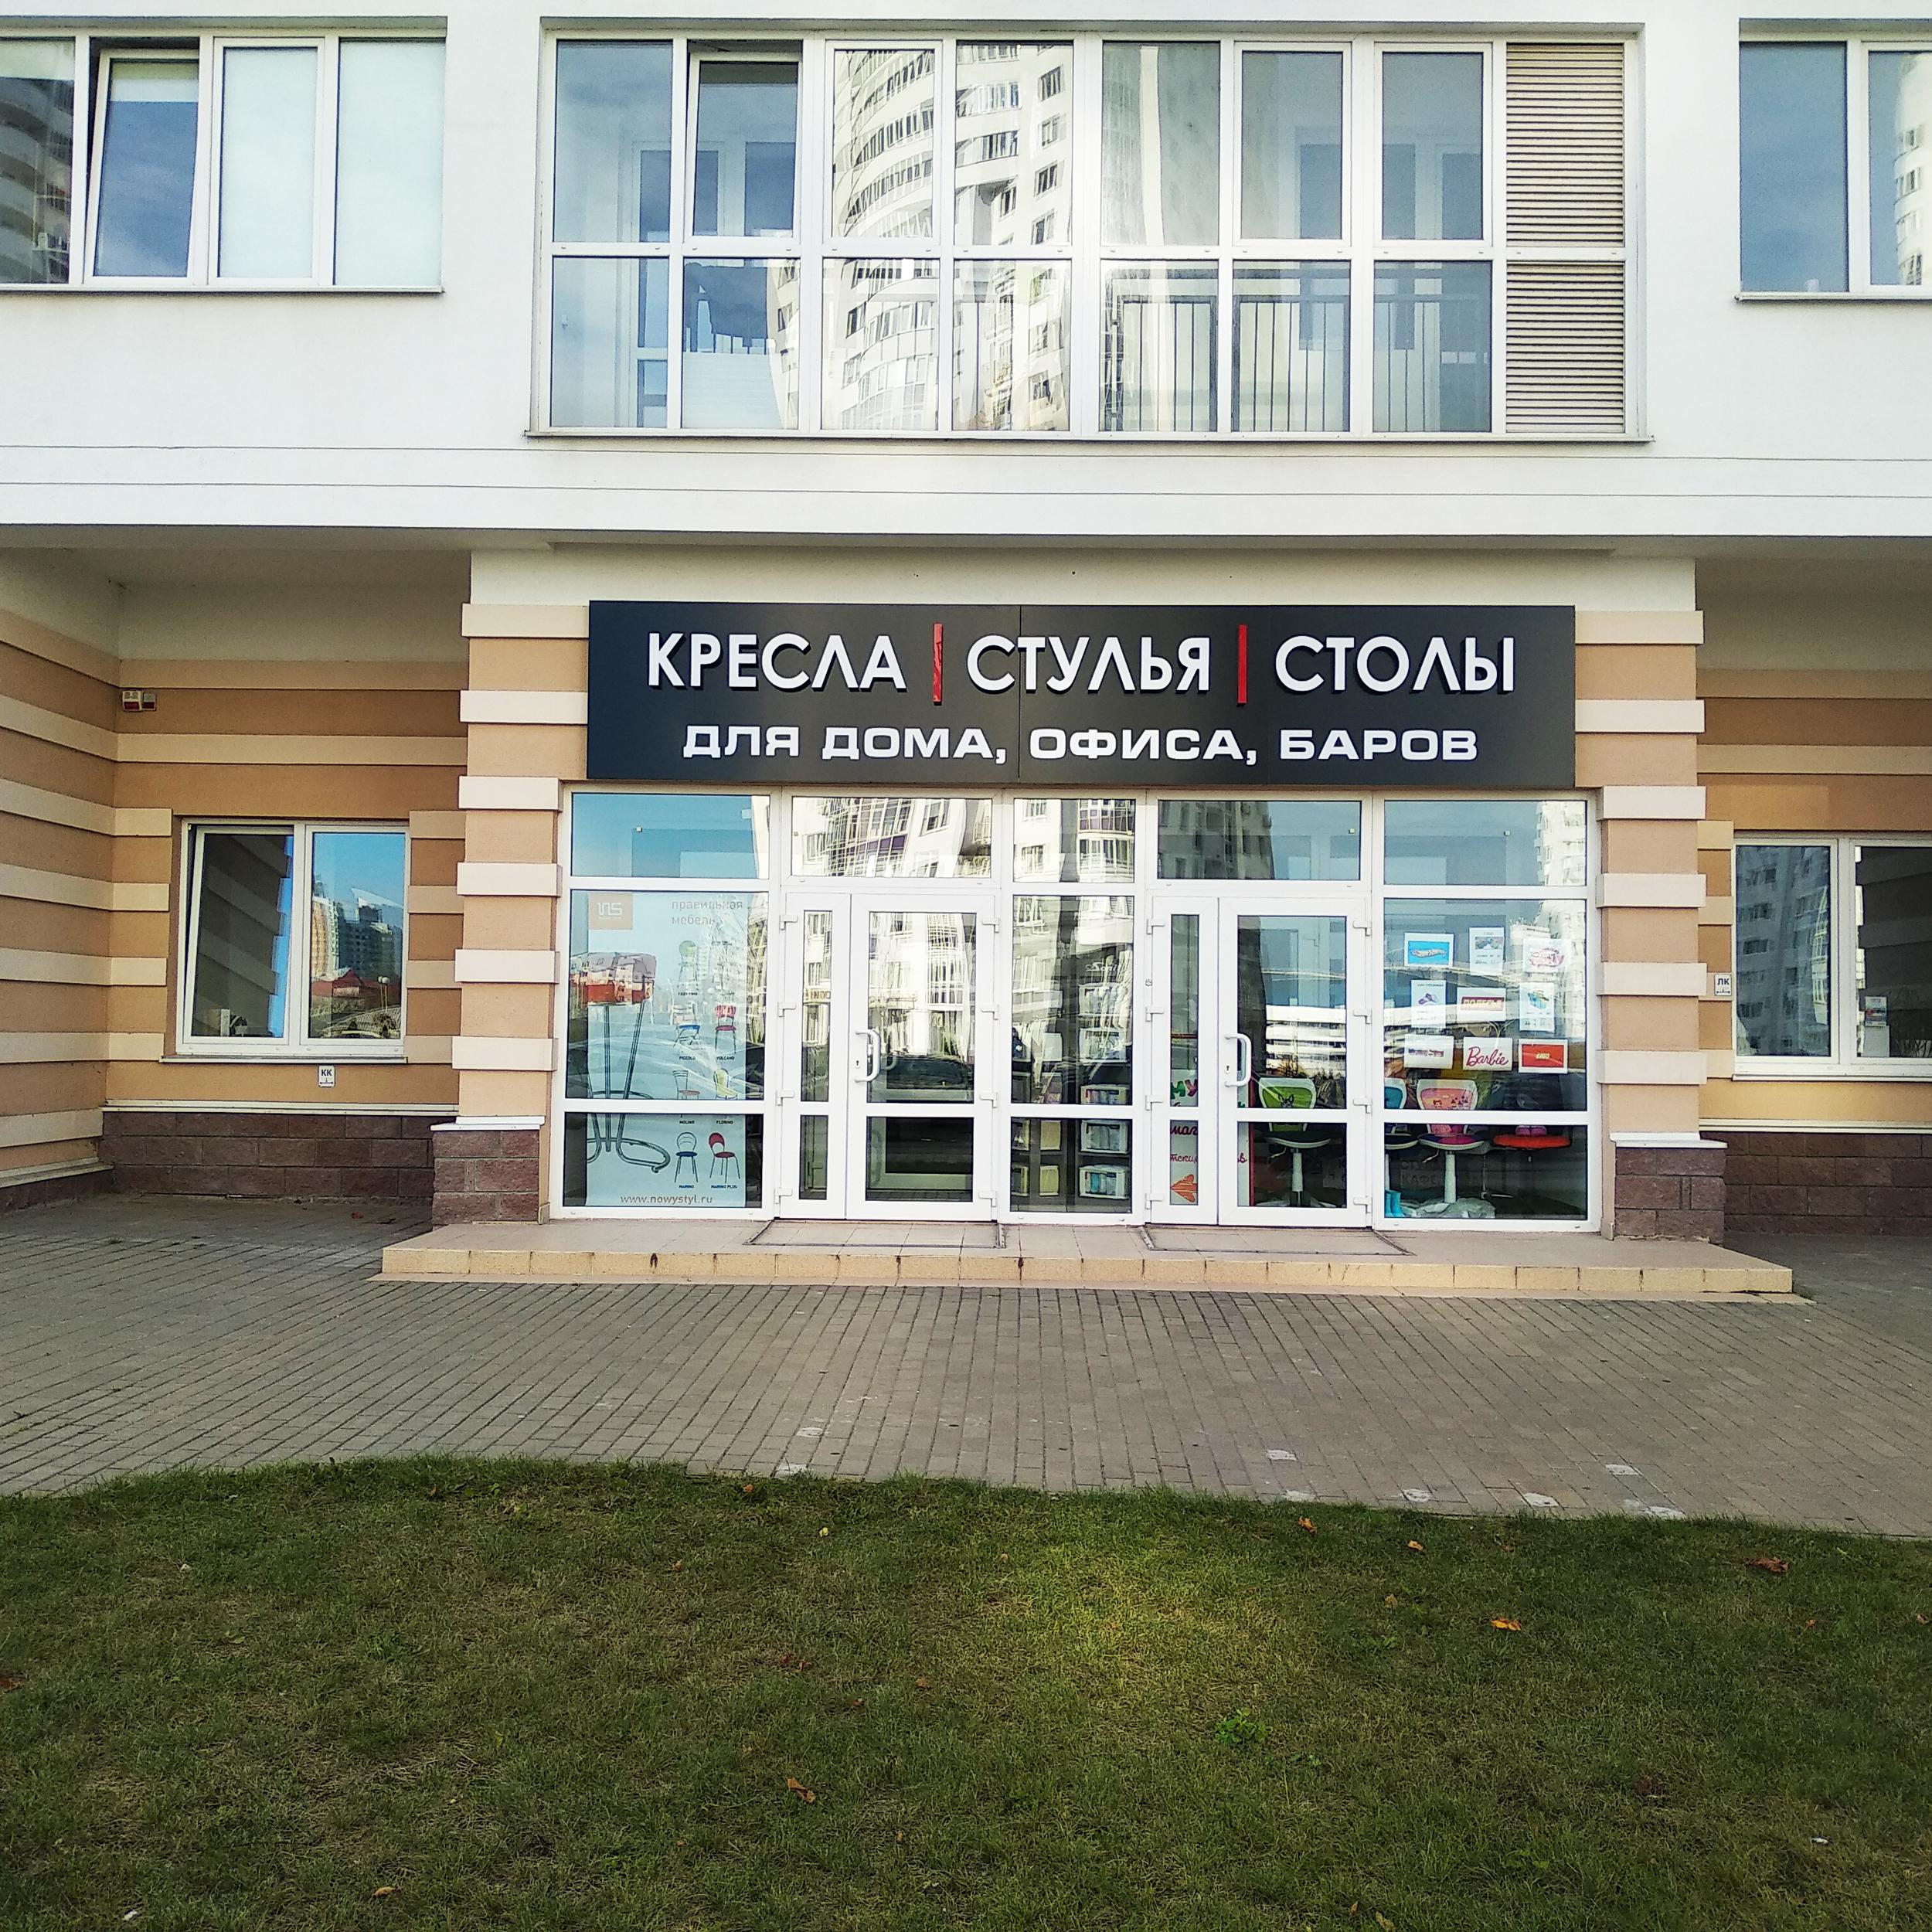 шоу-рум МЭНРОУД Мястровская 1